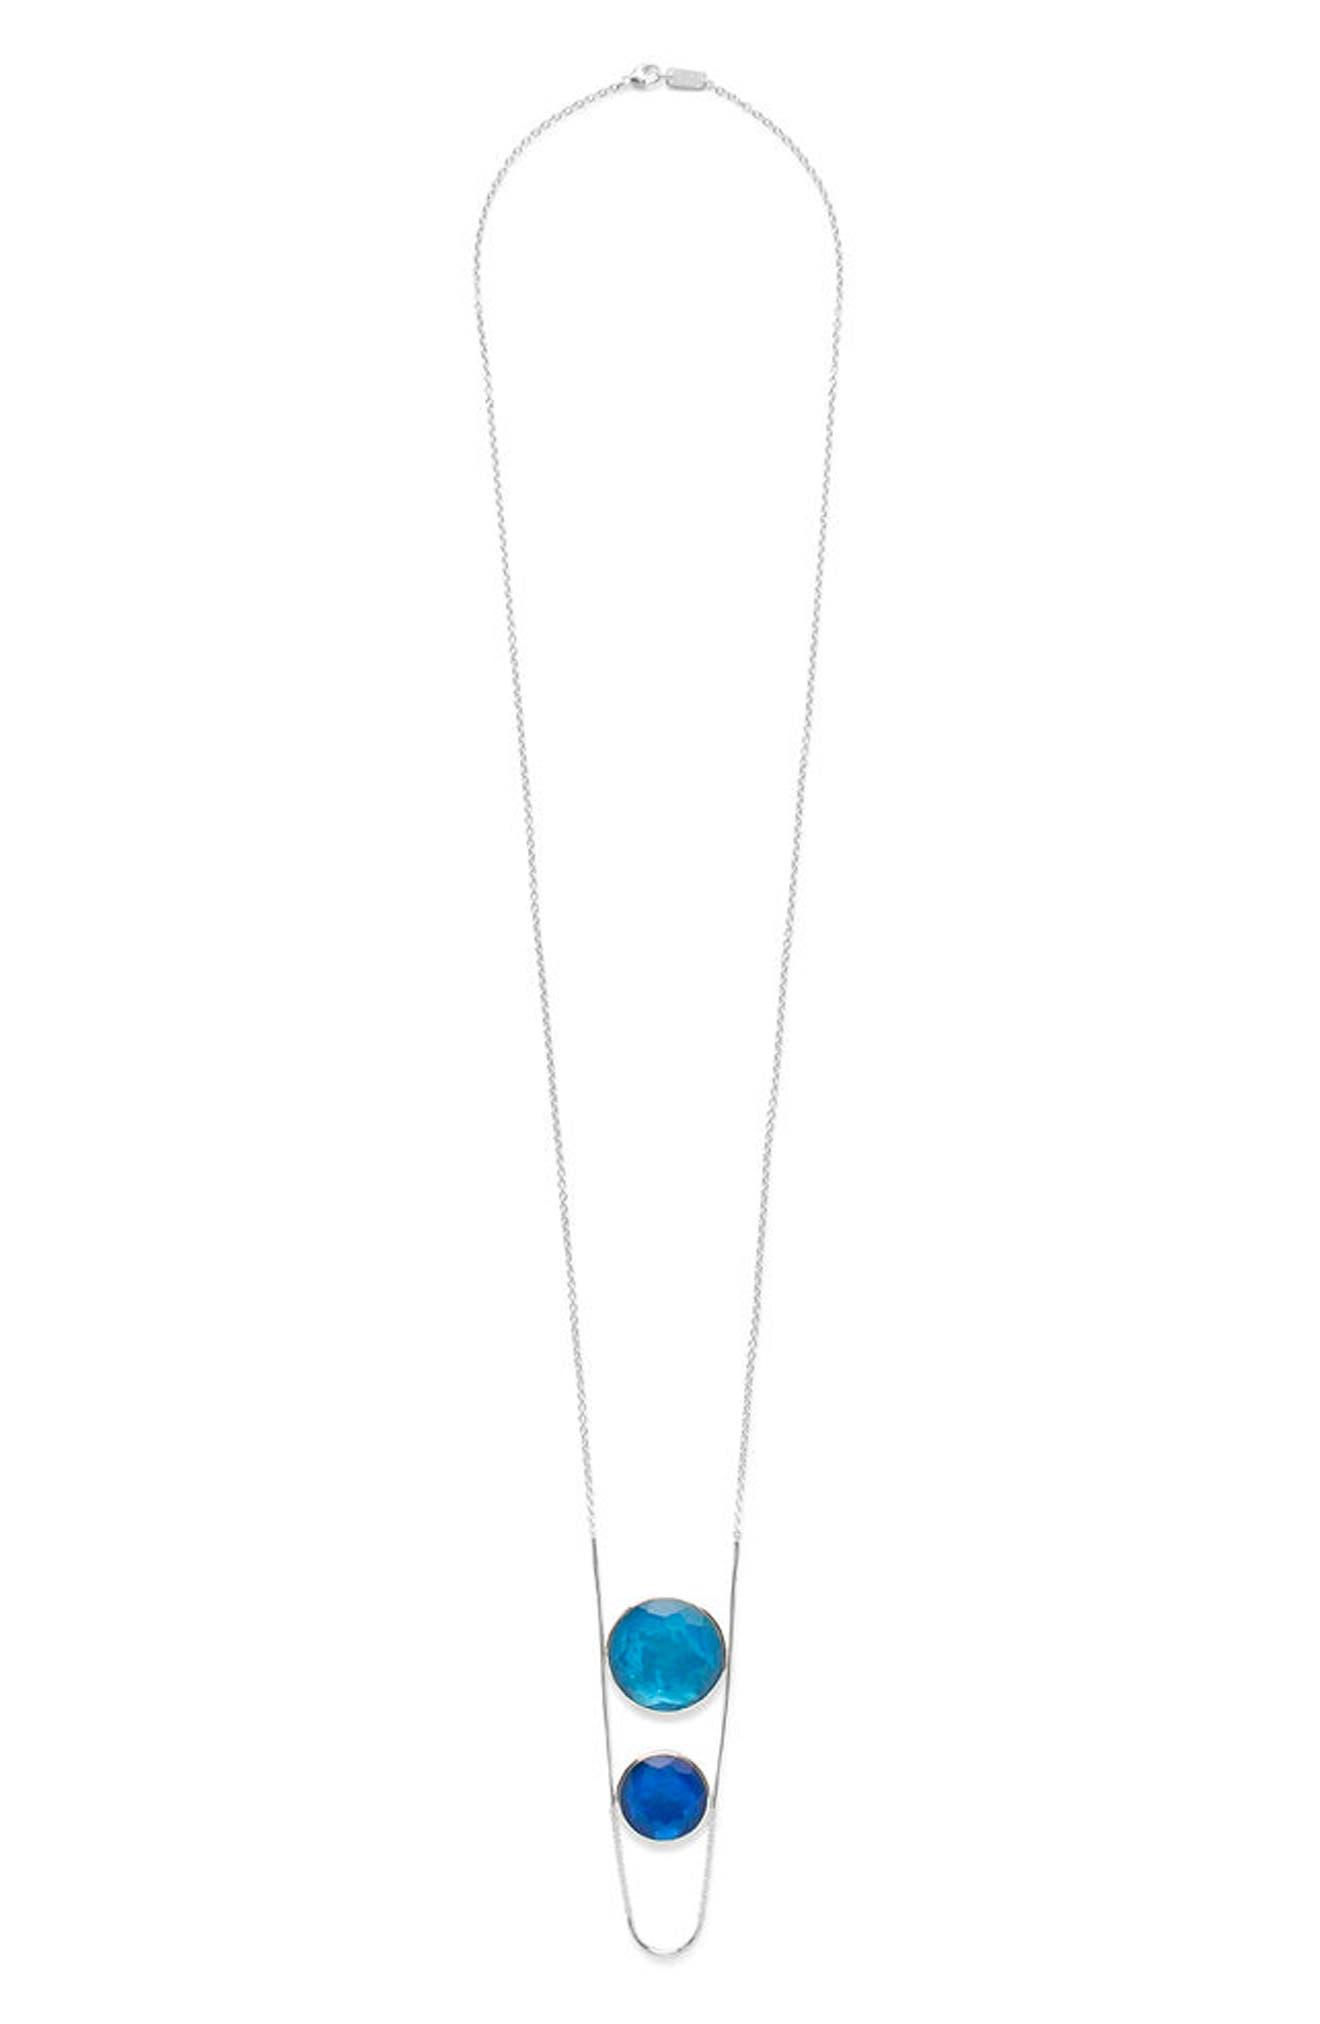 Wonderland Pendant Necklace,                             Main thumbnail 1, color,                             BLUE